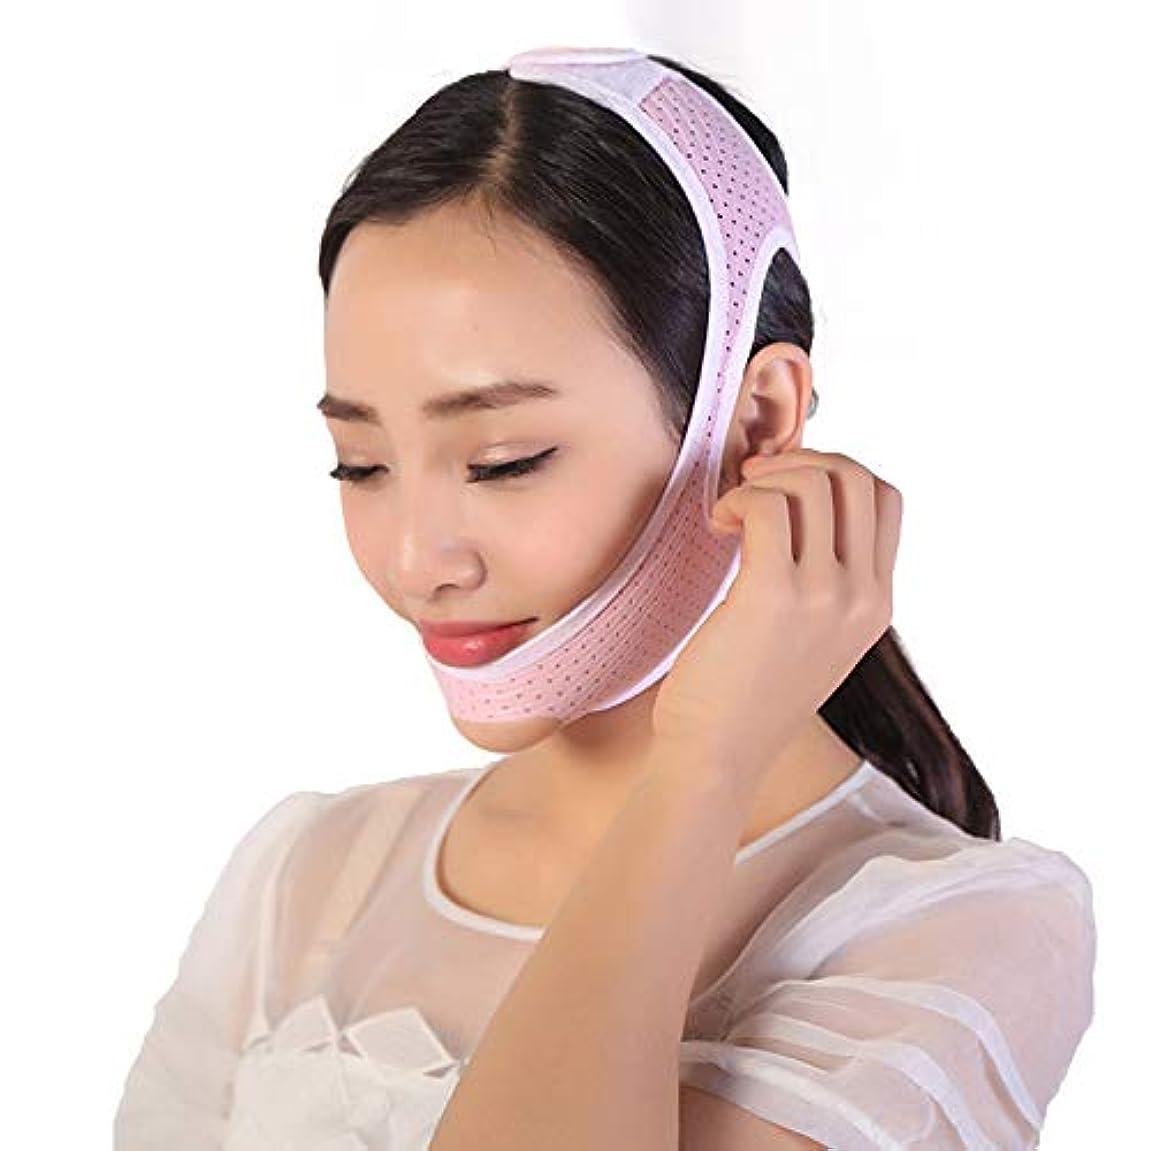 散文運動謝罪Jia Jia- フェイシャルリフティングスリミングベルト - 薄型フェイス包帯ダブルチンデバイスフェイシャルマッサージアンチエイジングリンクルフェイスマスクベルト 顔面包帯 (サイズ さいず : L l)